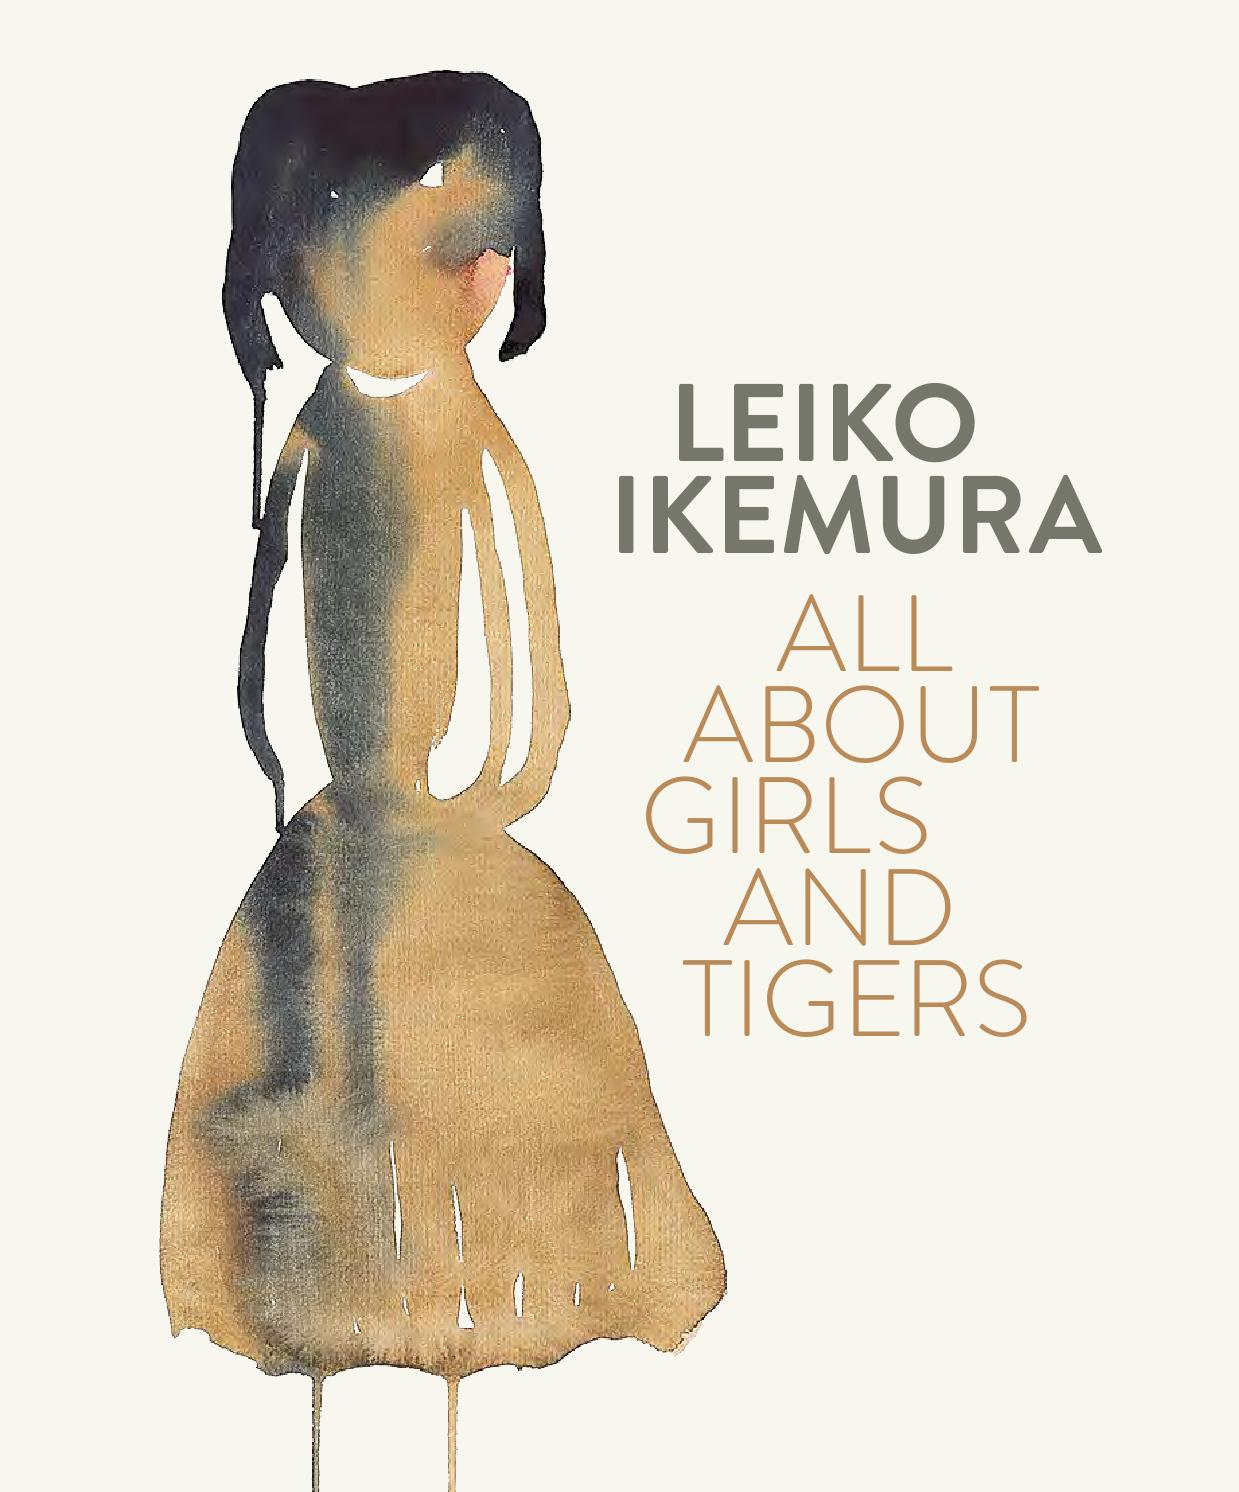 Design f 252 r fingern 228 gel ziehen sie die aufmerksamkeit auf ihre - Katalog Zur Ausstellung Leiko Ikemura All About Girls And Tigers By Enorm Agentur F R Design Und Kommunikation Issuu